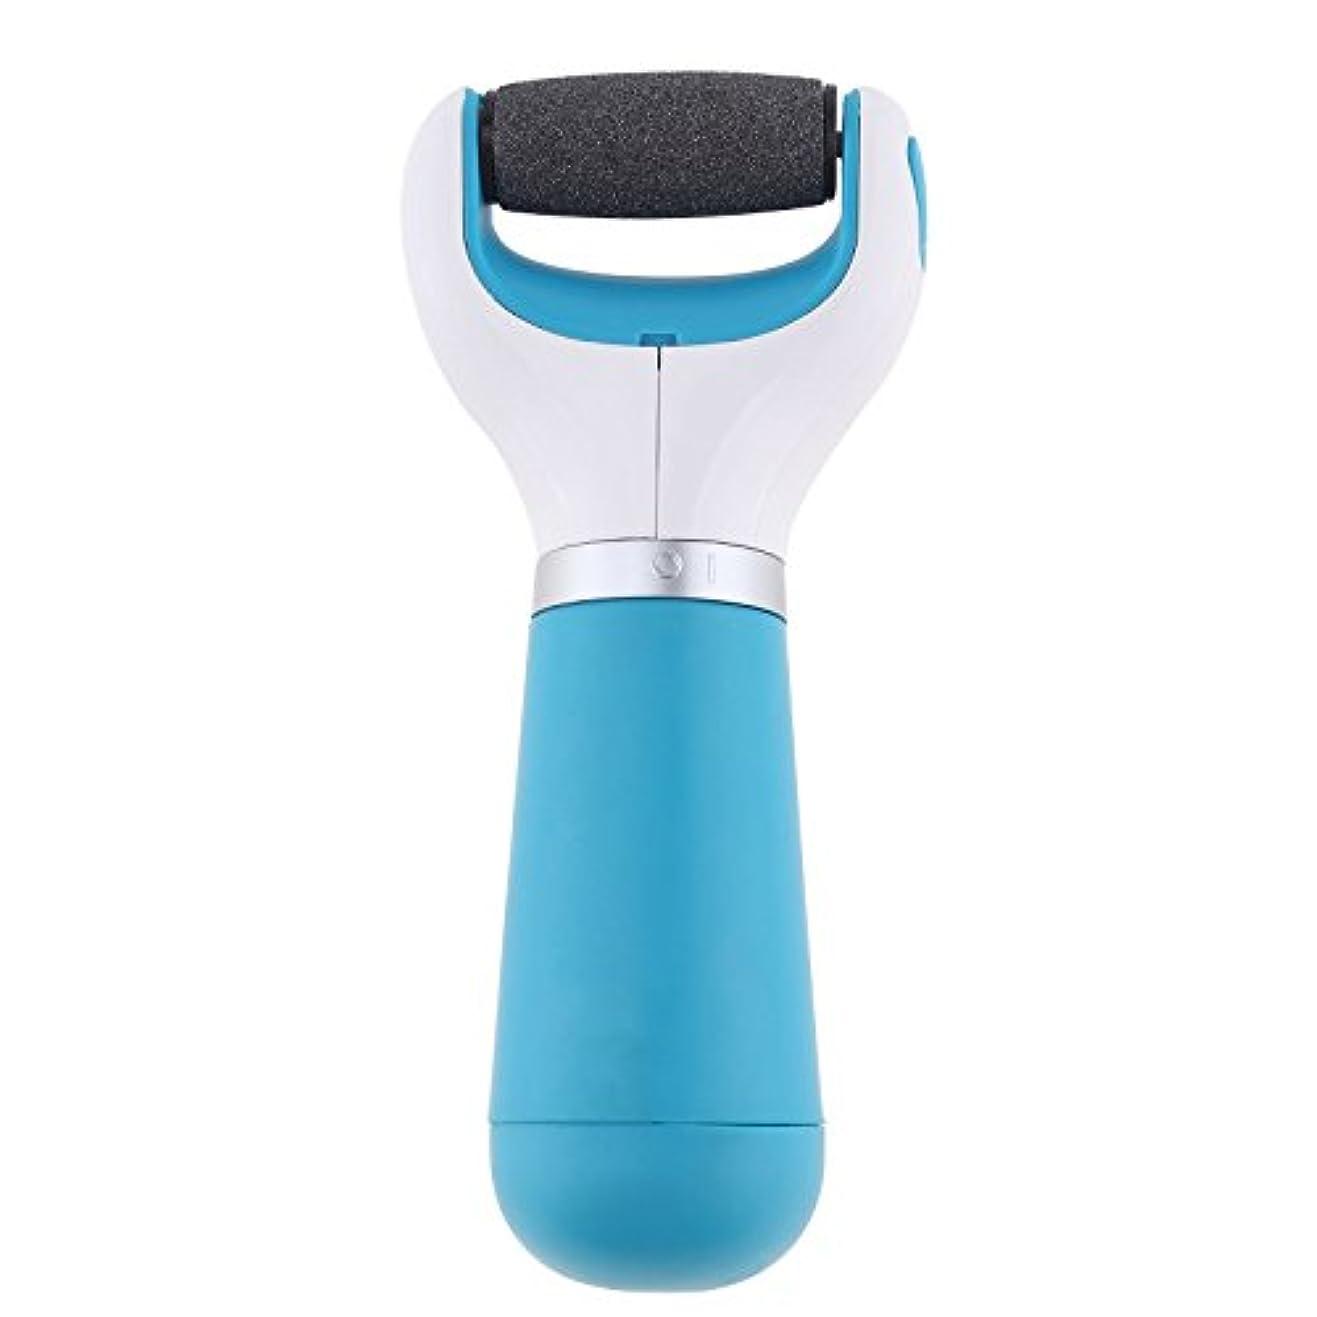 戸棚分注するどうやって電動角質リムーバー 乾電池式 角質やすり 角質取り 角質除去ローラー 角質ケア フットケア かかと 足の裏 つま先 つるつるスムーズ 携帯便利 ブルー